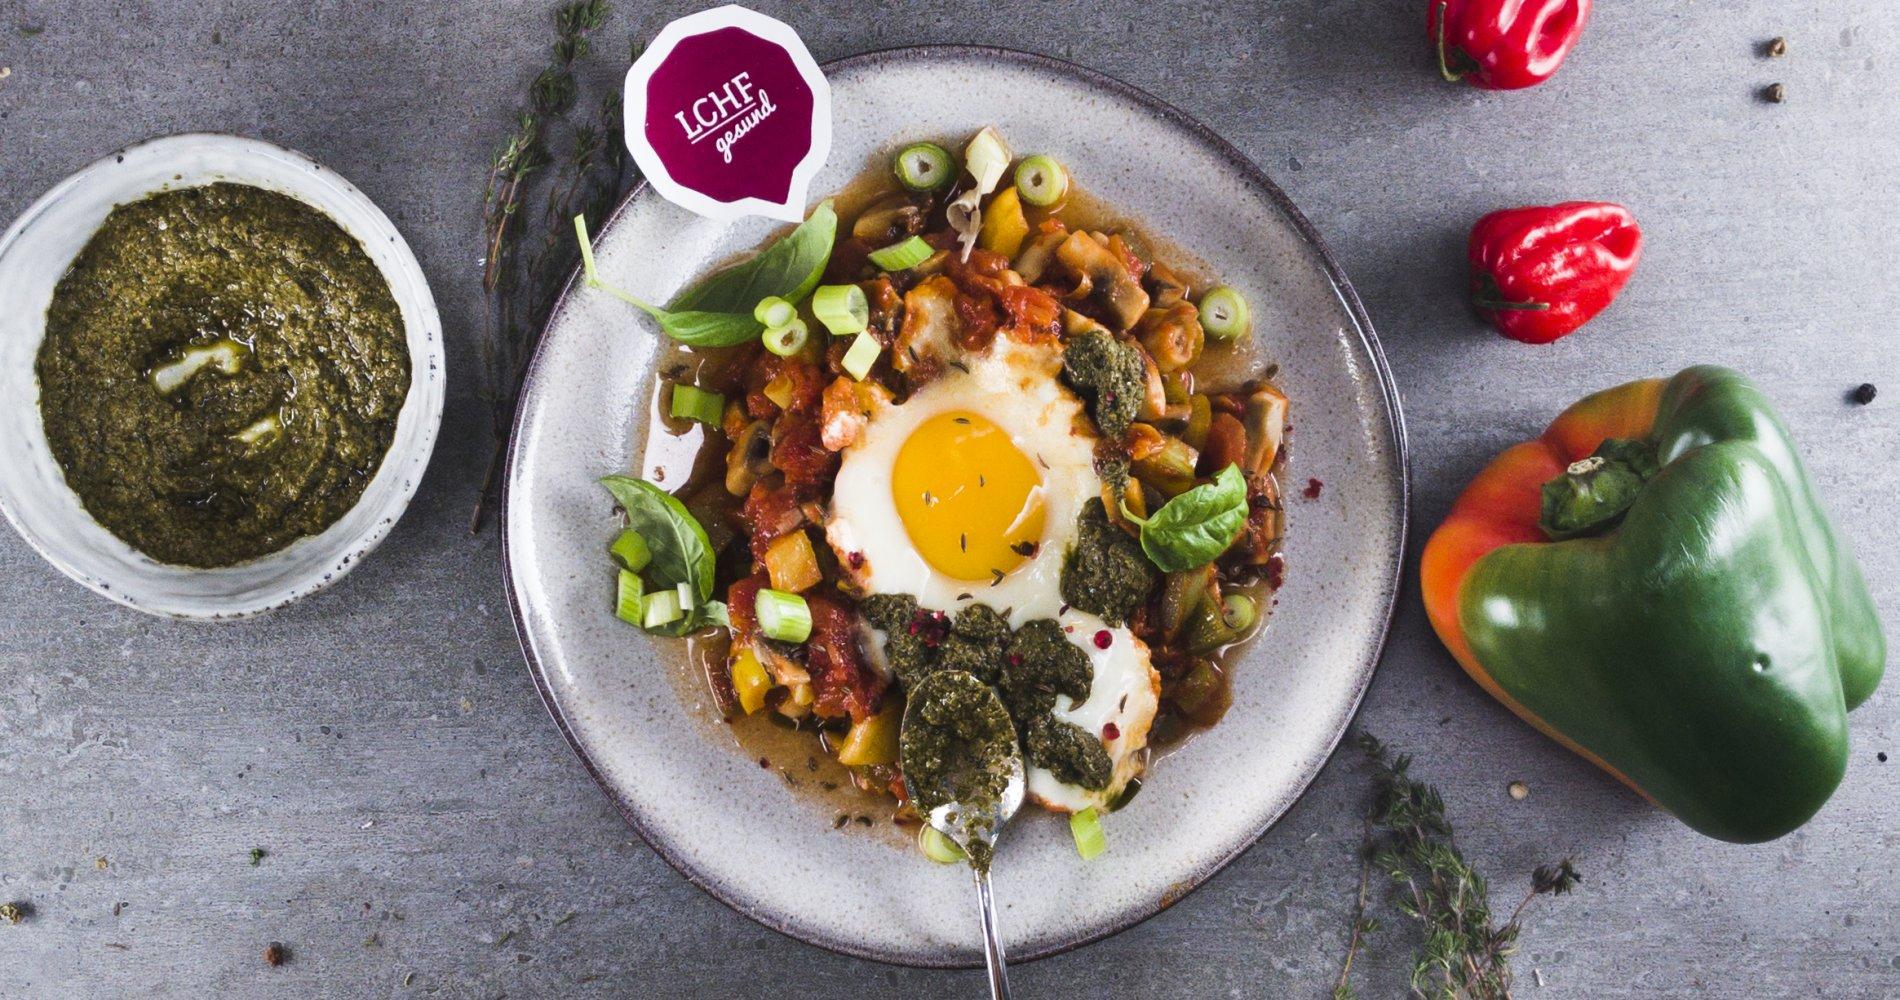 Rezept Low Carb: Champignon-Paprika-Pfanne - LCHF-gesund.de